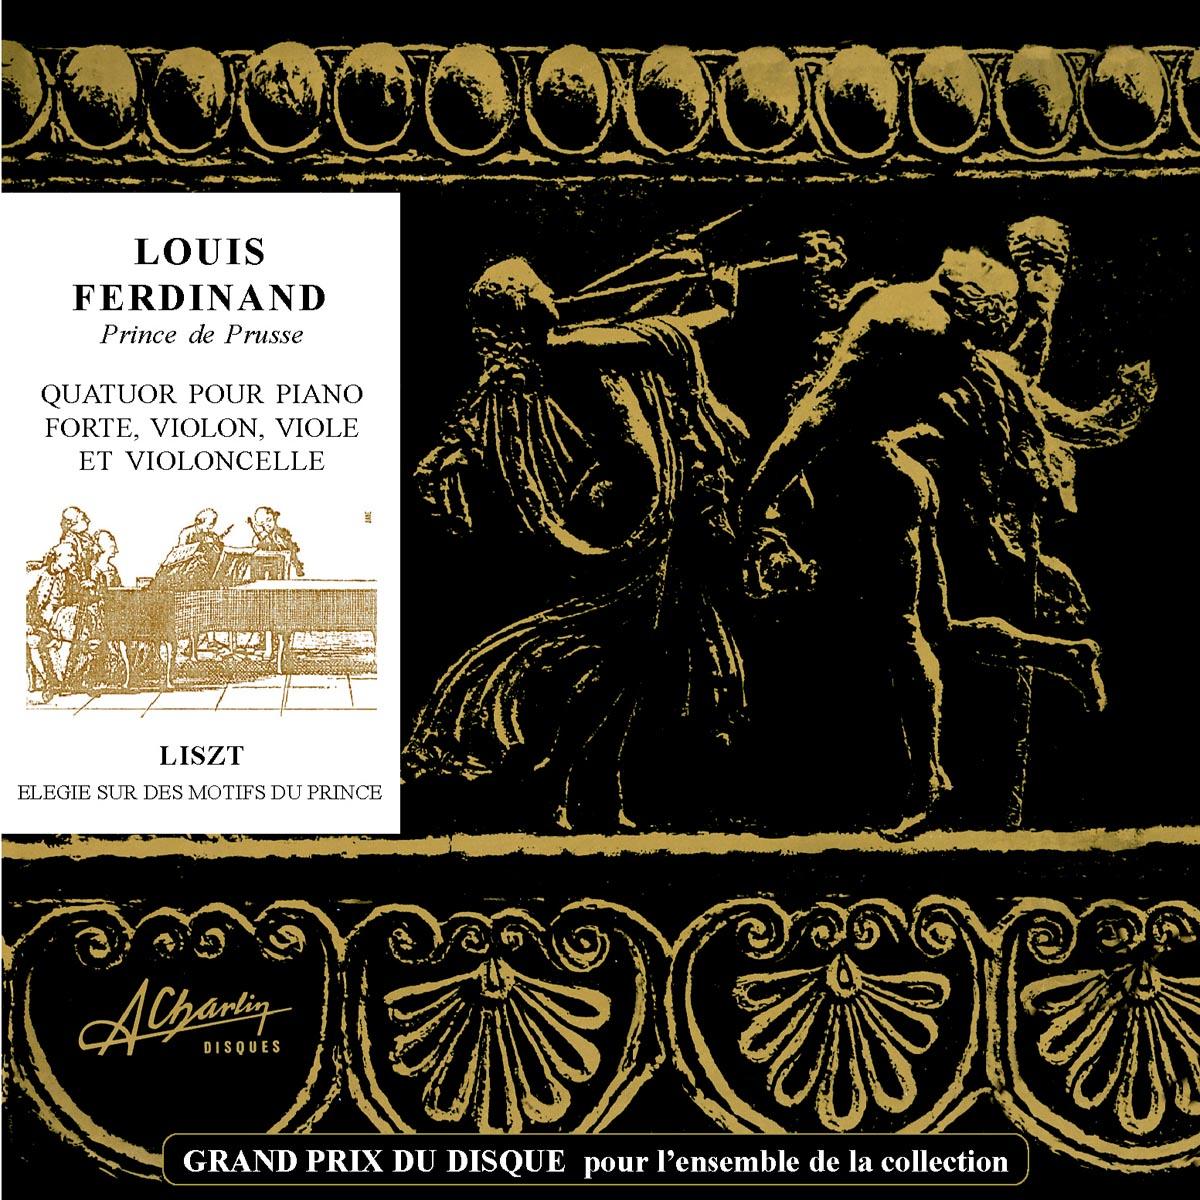 Louis Ferdinand P. de Prusse - CL 28